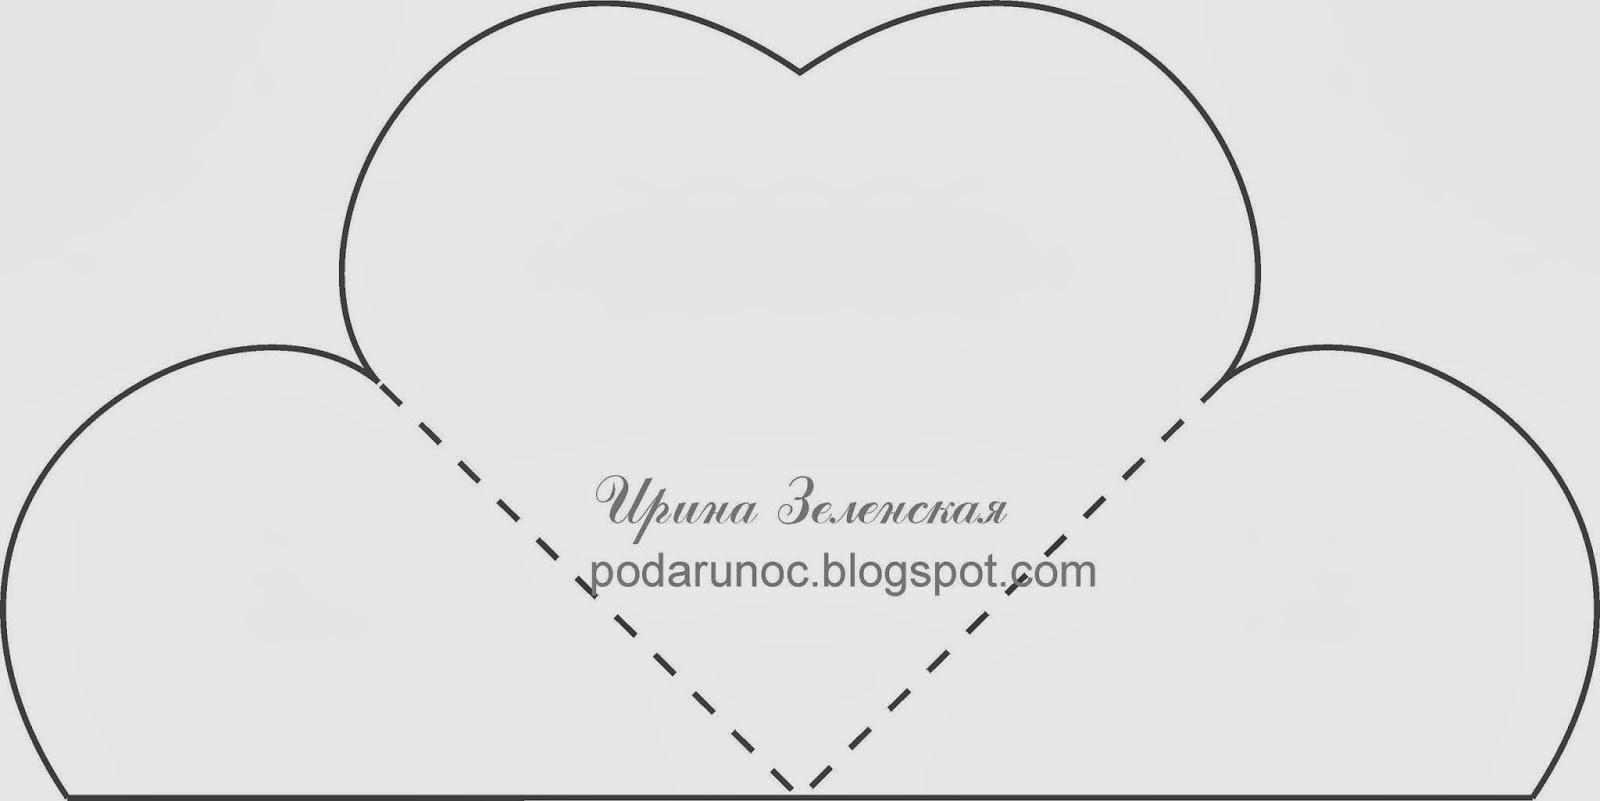 Валентинка в форме открытки 14